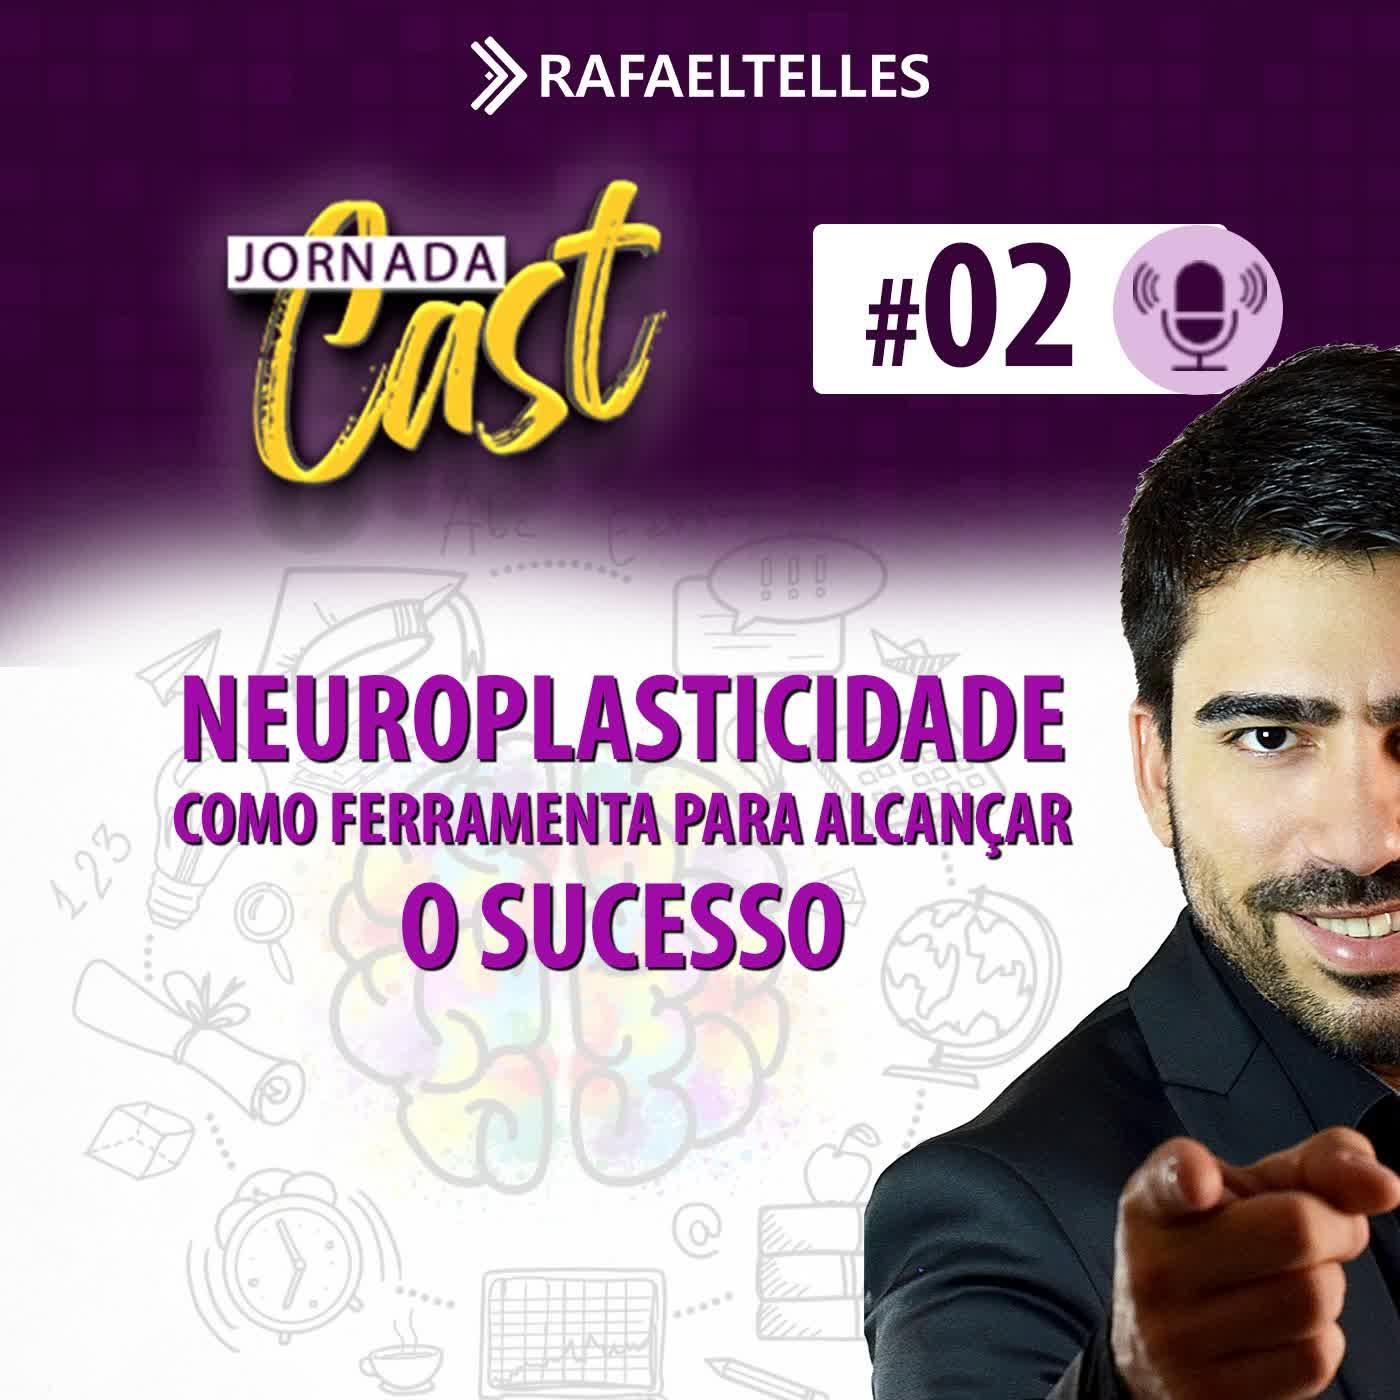 #2 - Neuroplasticidade como ferramenta para alcançar o Sucesso